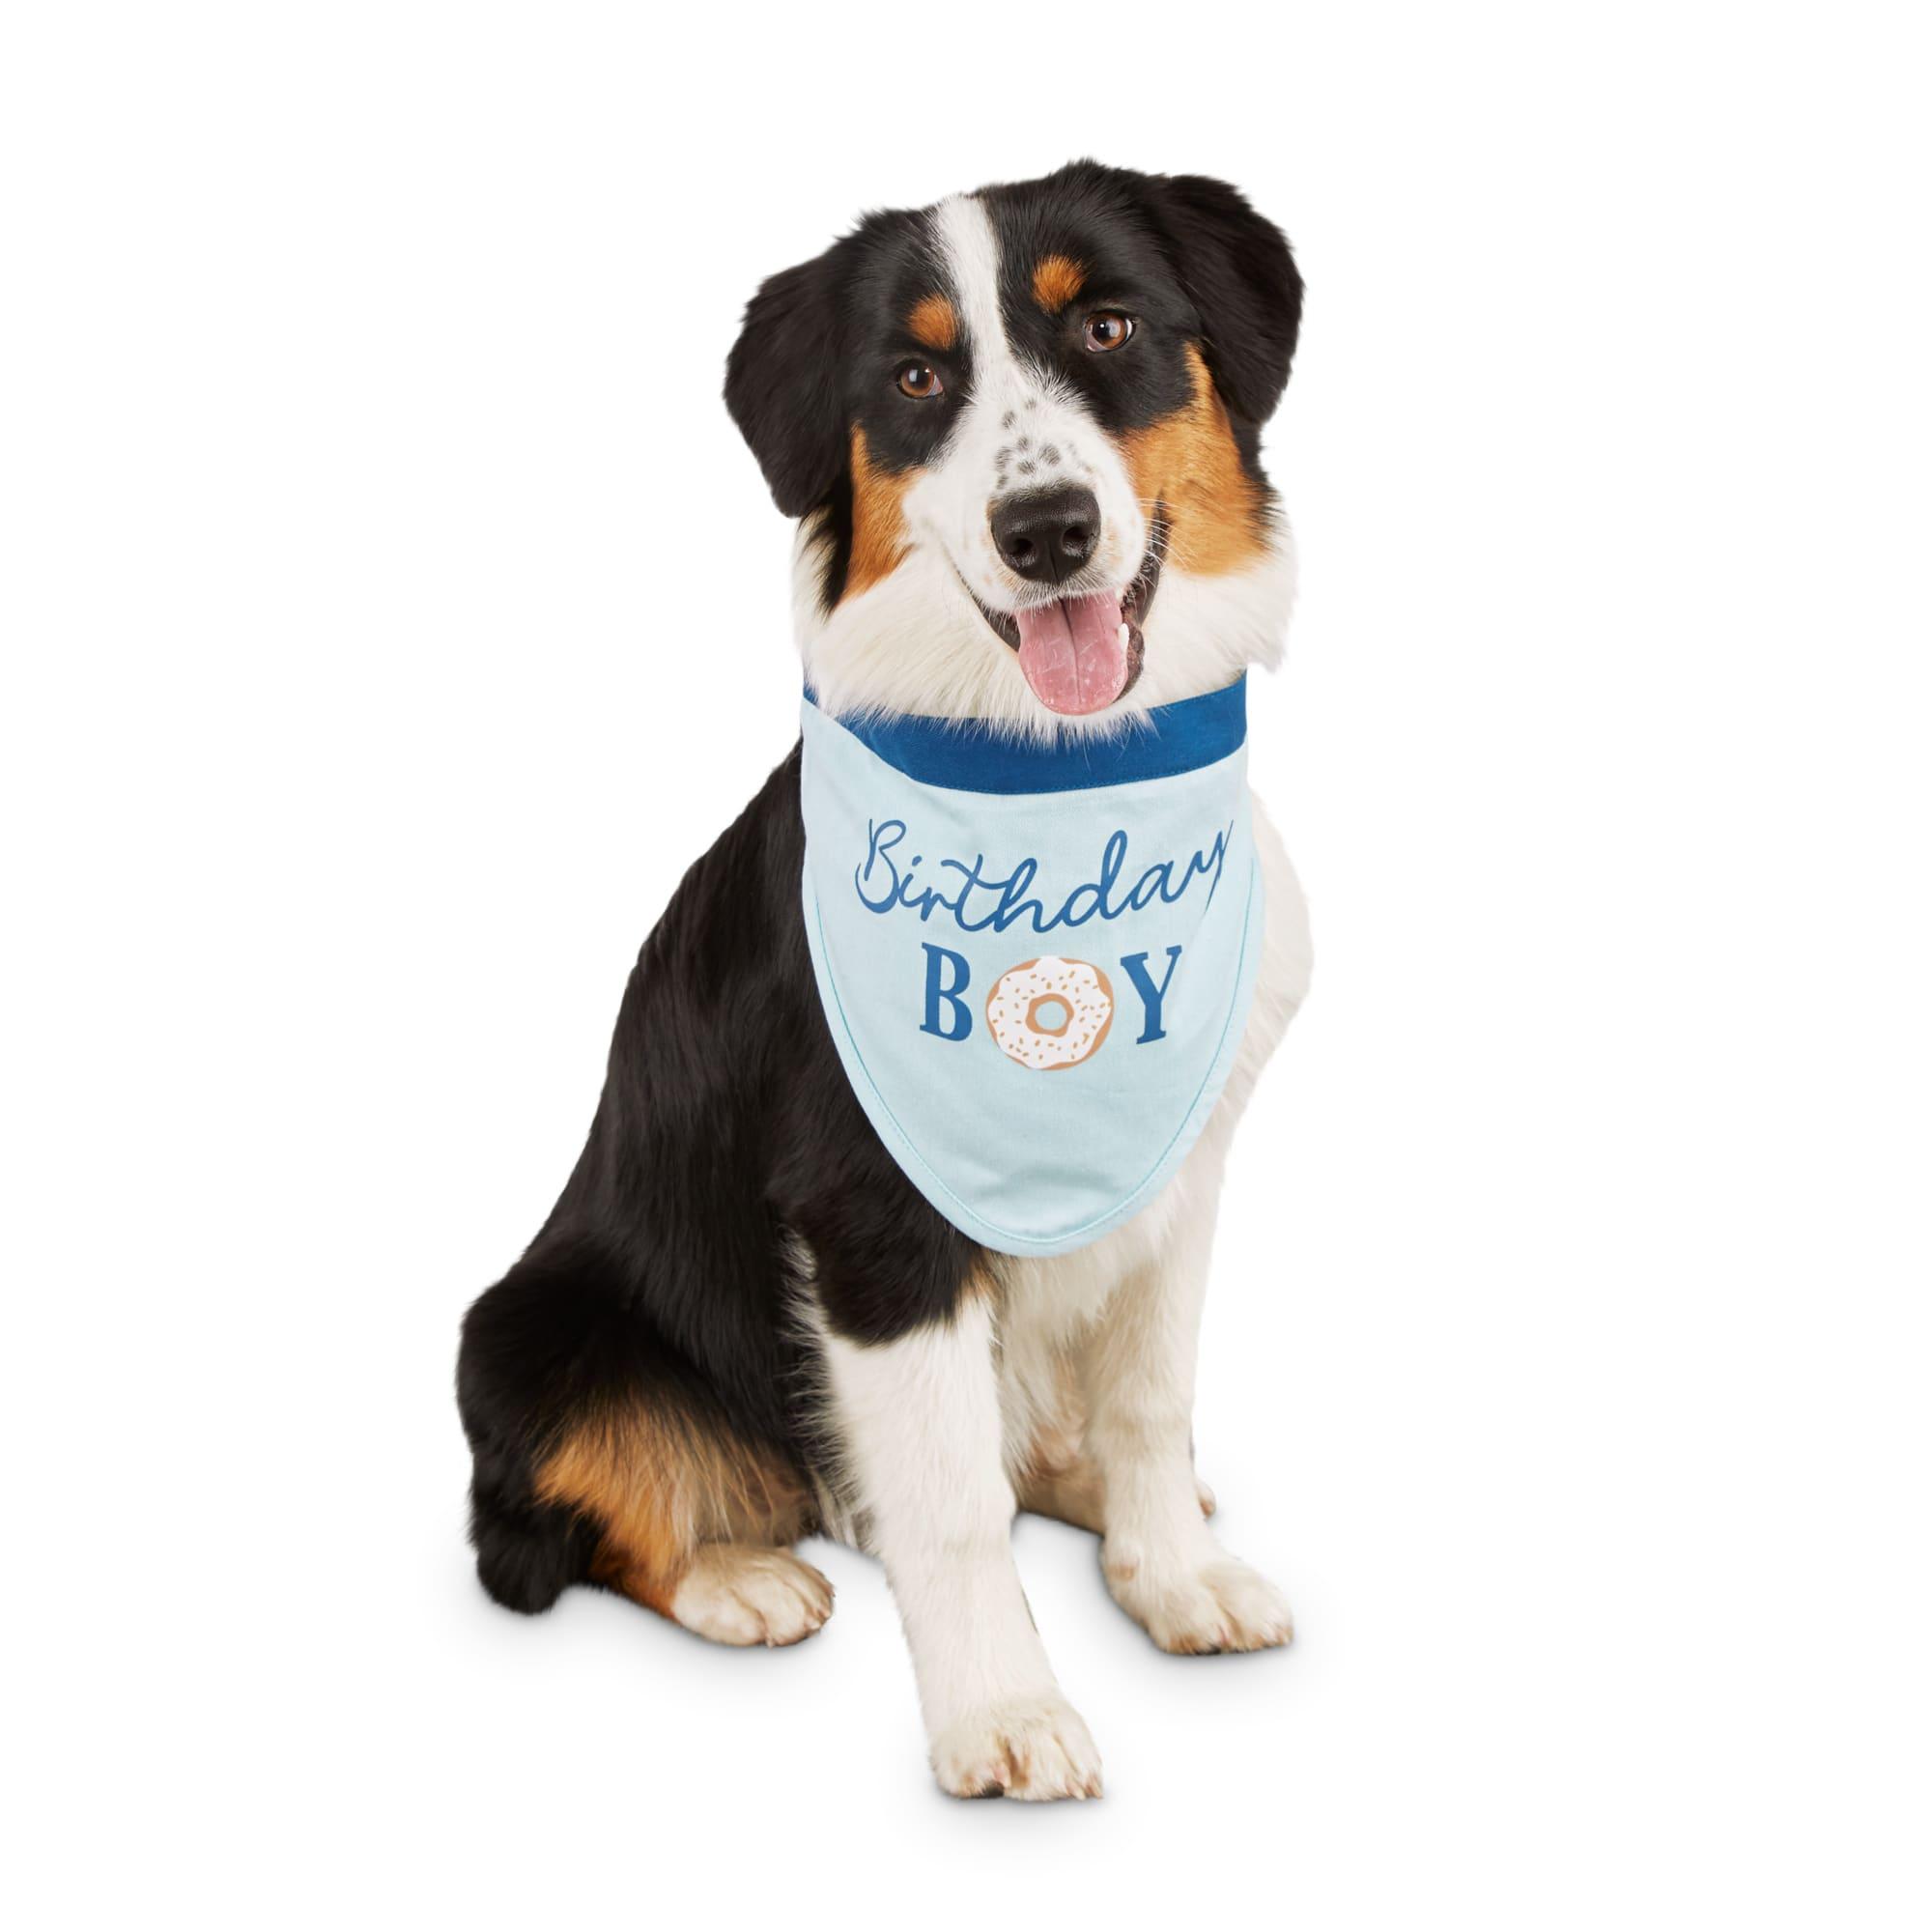 Bond Co Birthday Boy Dog Bandana Small Medium Petco